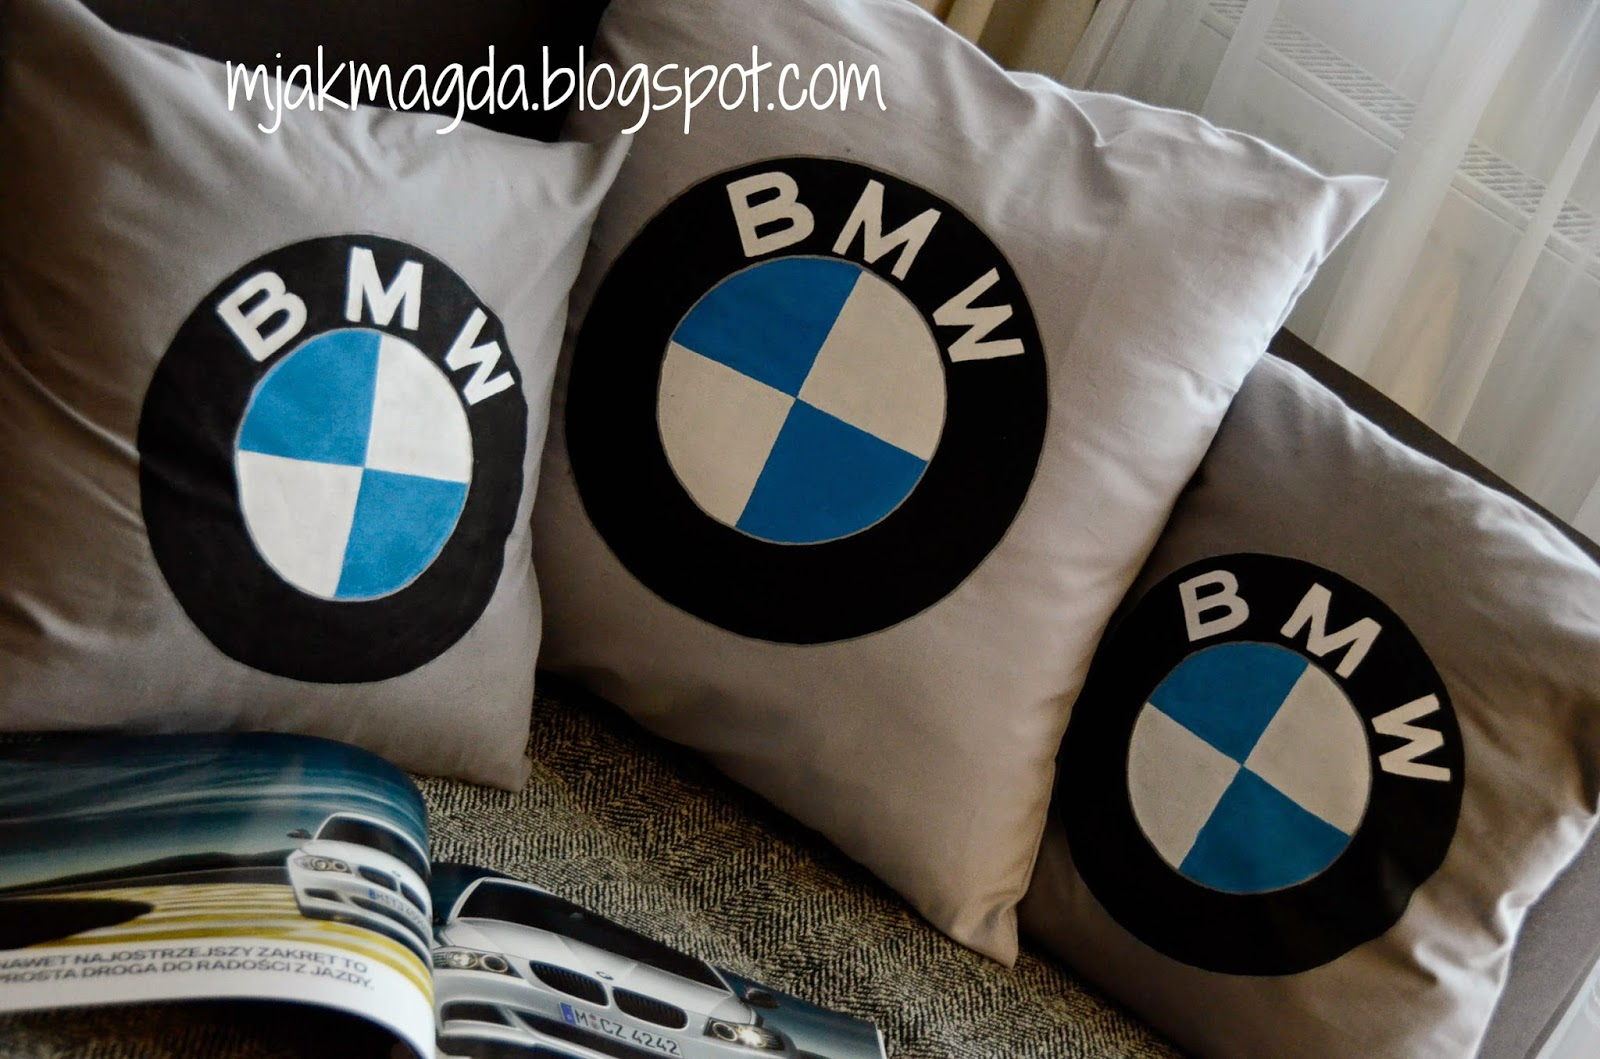 poduszka, poduszki, poszewka, poszewki, malowane, ręcznie malowane, logo, BMW, marka, samochód, męska, męski, dla mężczyzny, szara, farba, kolorowa, bawełna, prezent, święta, Boże narodzenie, prezenty, oryginalny, wyjątkowy, wypustka, wzory, koronka, sznurek, beżowa, beż, koła, kółka, dla domu, elegancka, eleganckie, cushion, pillow, pillowcase, pillow cases, painted, hand-painted, logo, BMW, brand, car, men, male, for a man, gray, color, colorful, cotton, gift, holidays, Christmas, gifts, original, unique, tab , patterns, lace, cord, beige, beige, circles, circles, home, elegant, chic,hand made